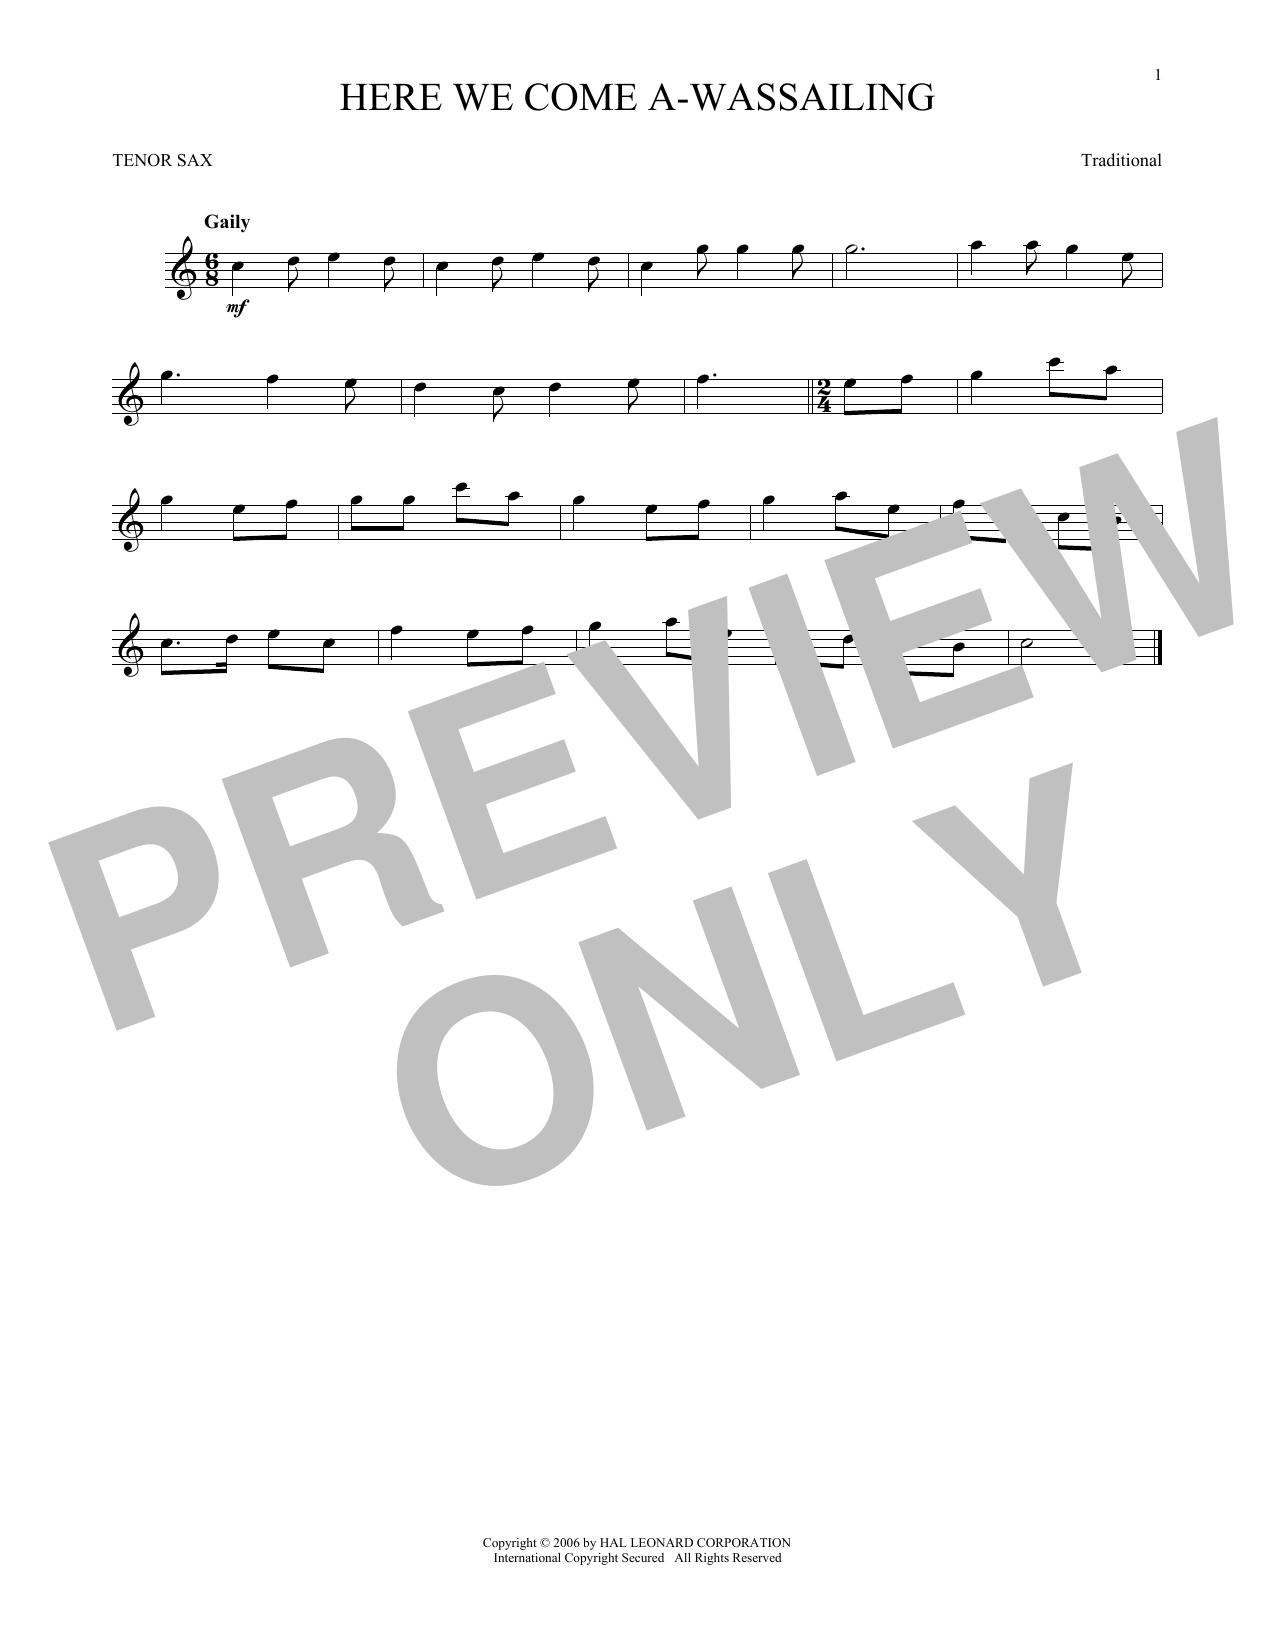 Here We Come A-Wassailing (Tenor Sax Solo)